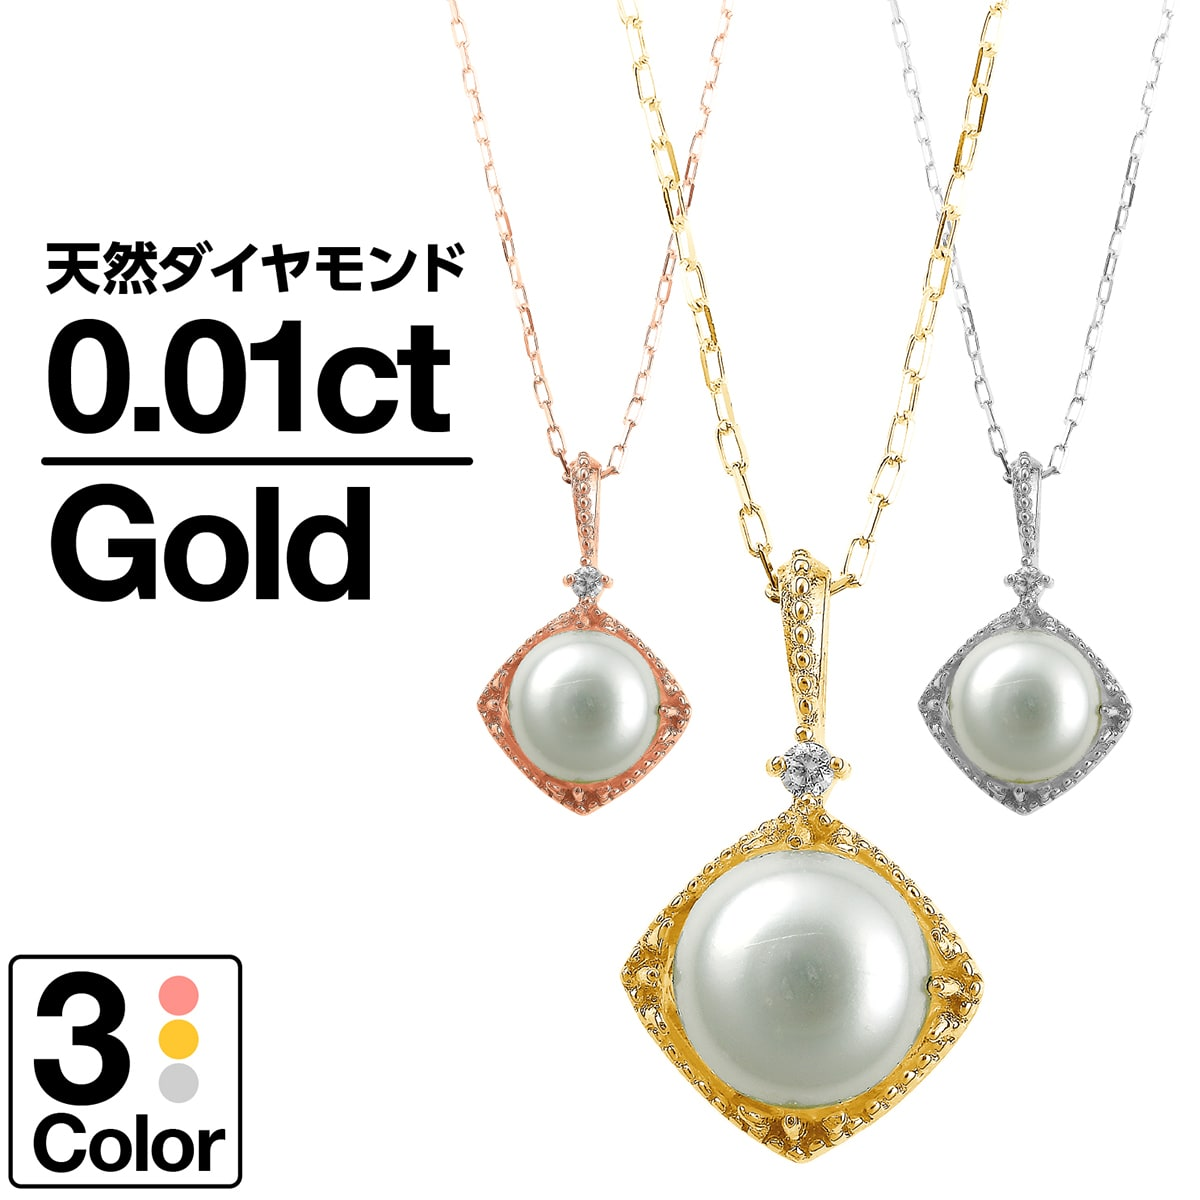 ネックレス ダイヤモンド アコヤ真珠 k18 イエローゴールド/ホワイトゴールド/ピンクゴールド 品質保証書 金属アレルギー 日本製 誕生日 ギフト